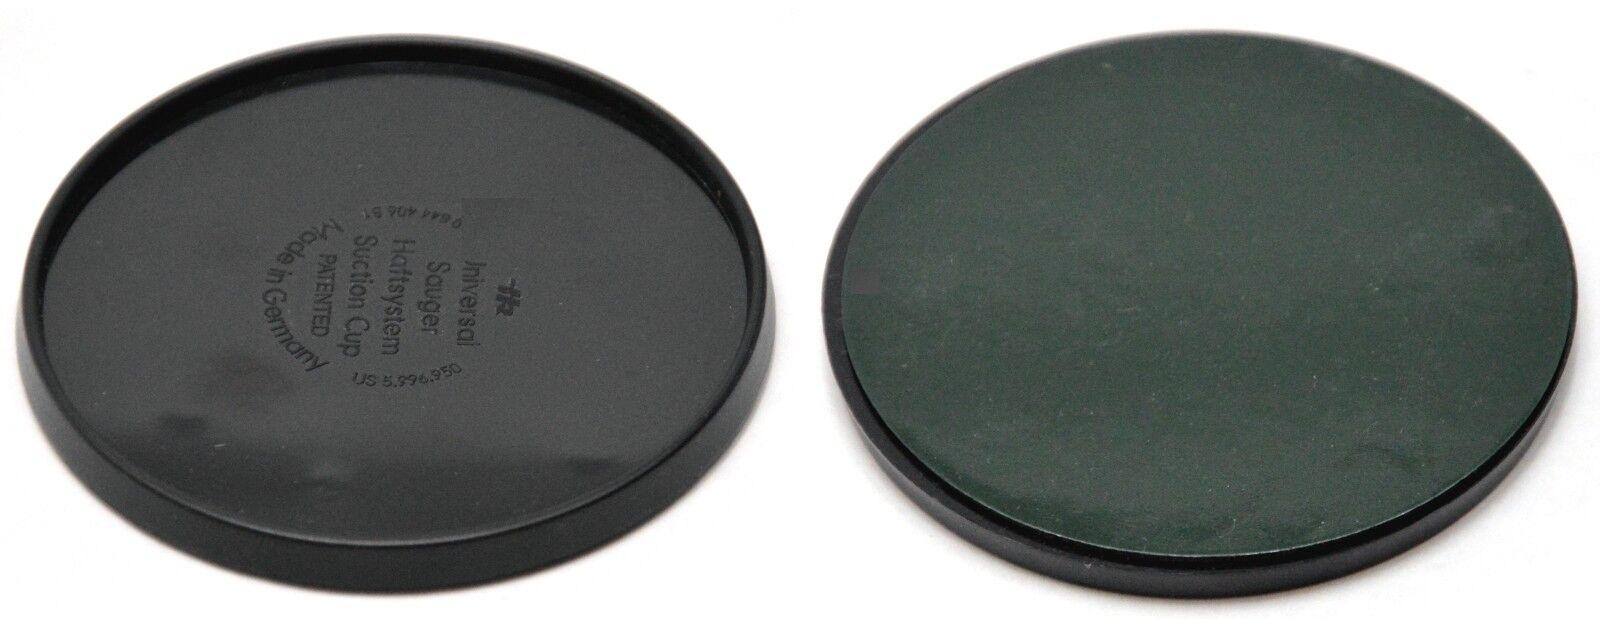 Für TomTom Klebeplatte Armaturenbrett Befestigungsplatte Haftscheibe 80 mm